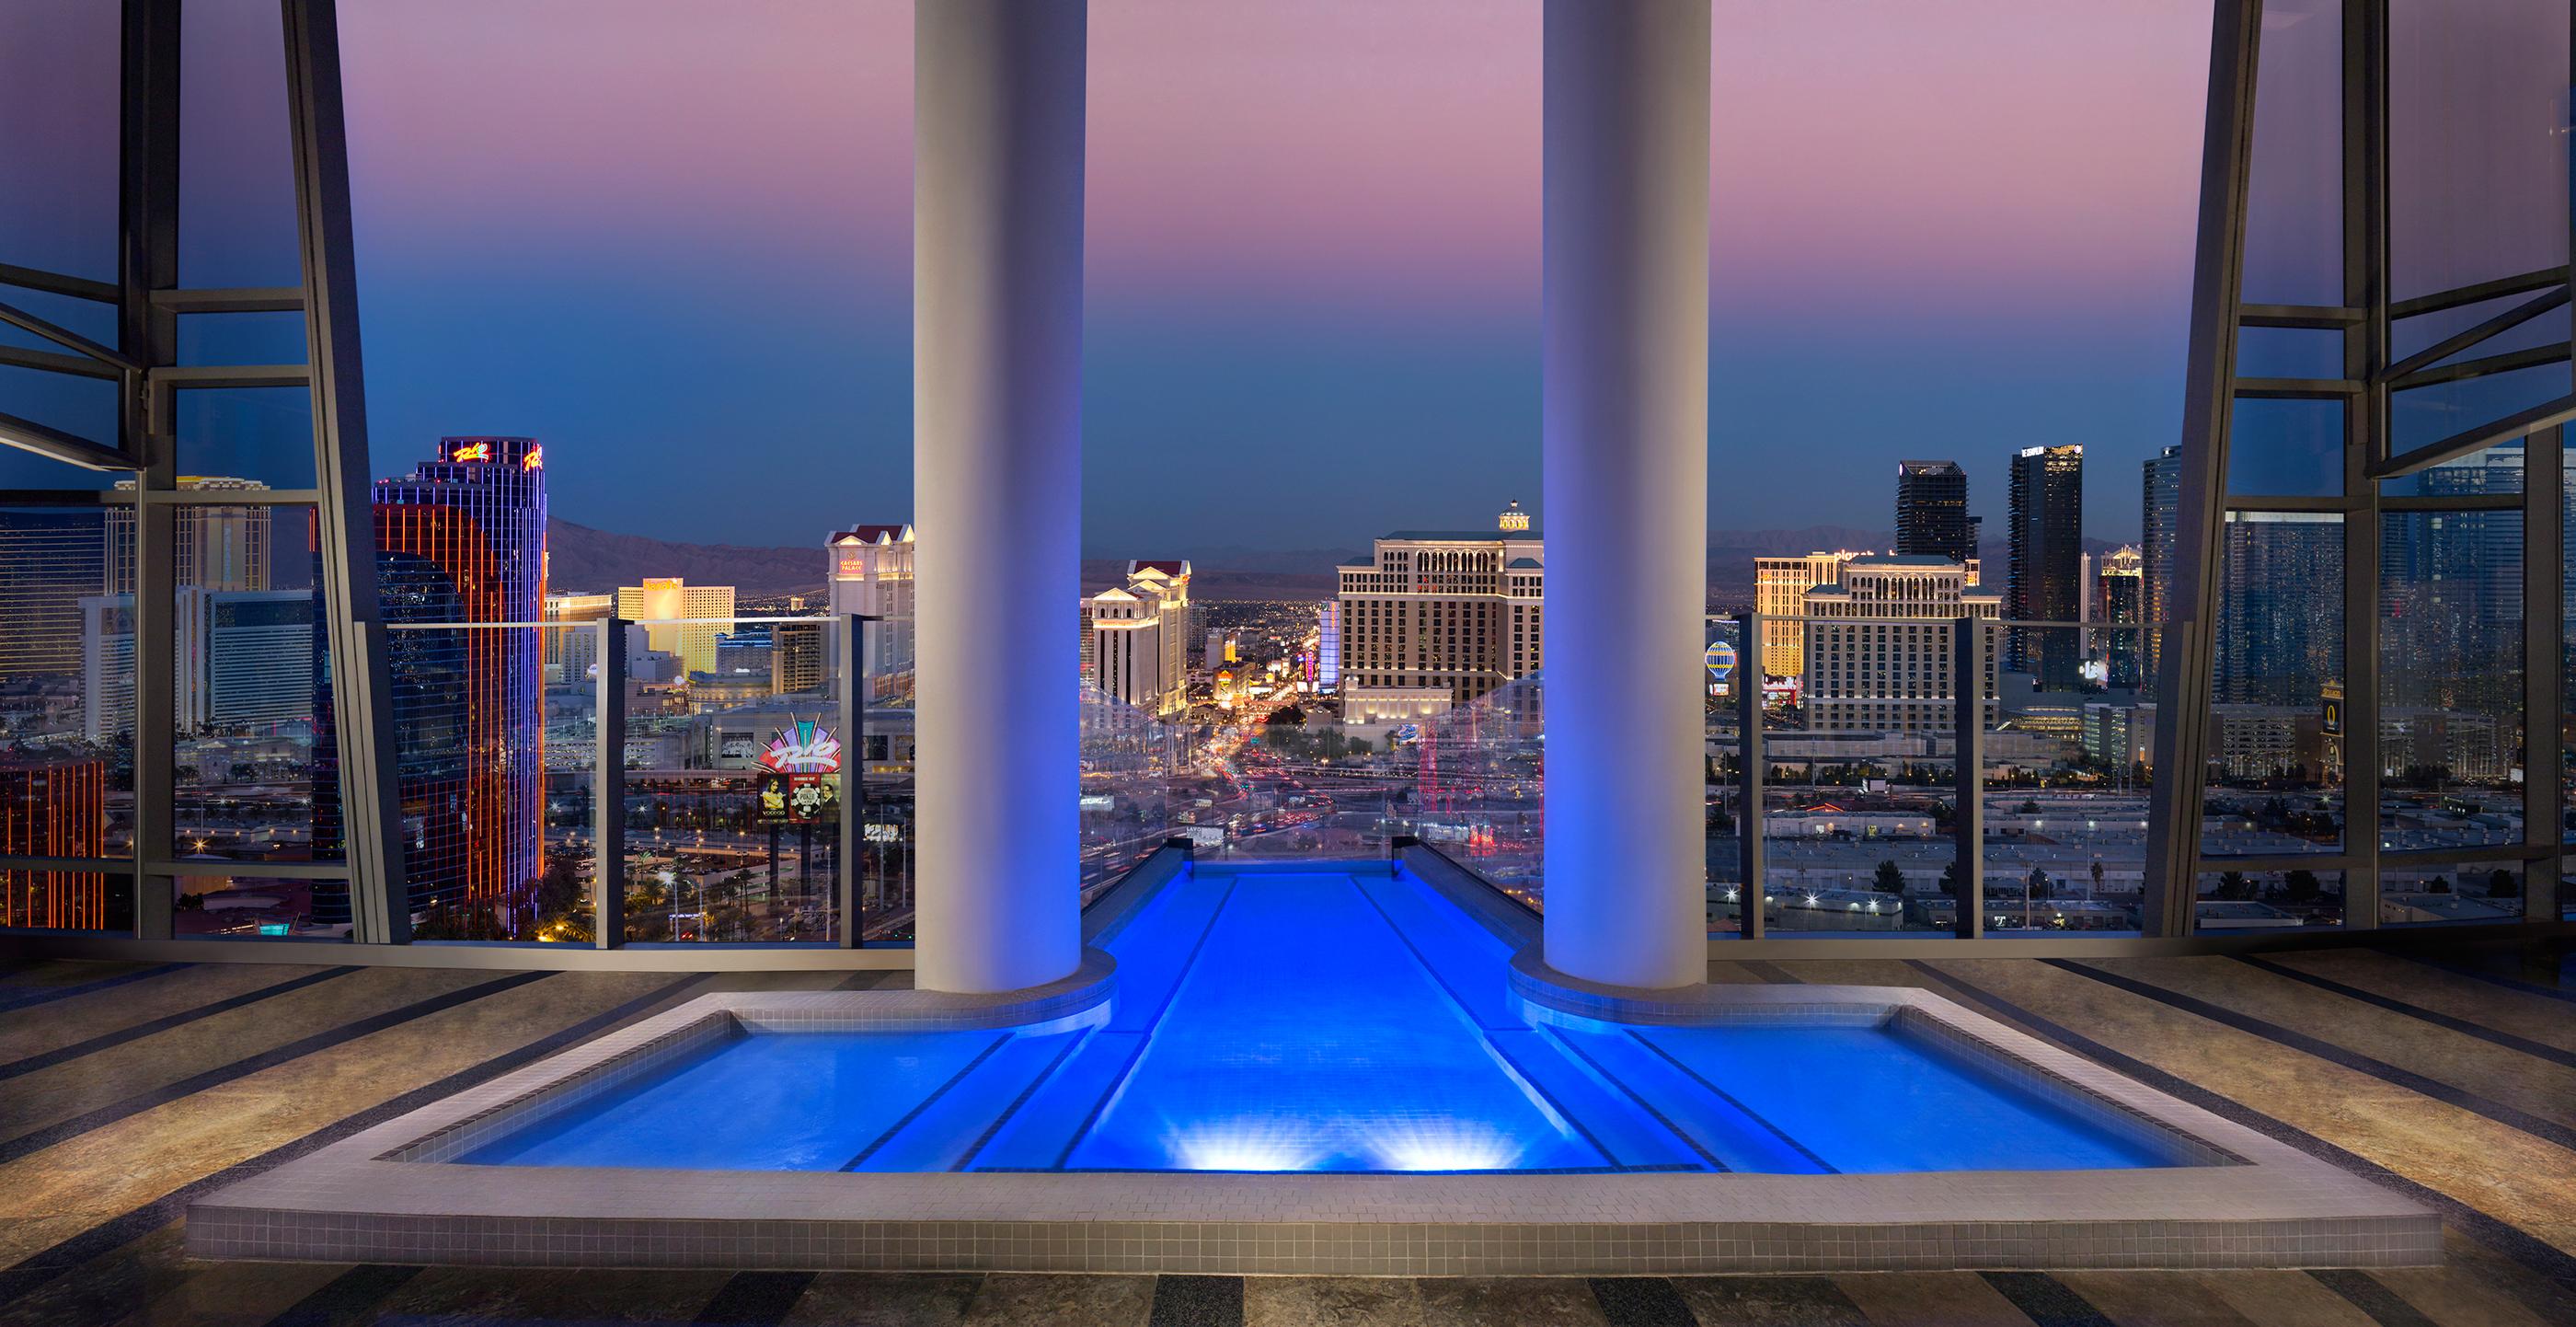 171102-lavish-hotel-rooms-sky-villa-palms-casino-resort-las-vegas